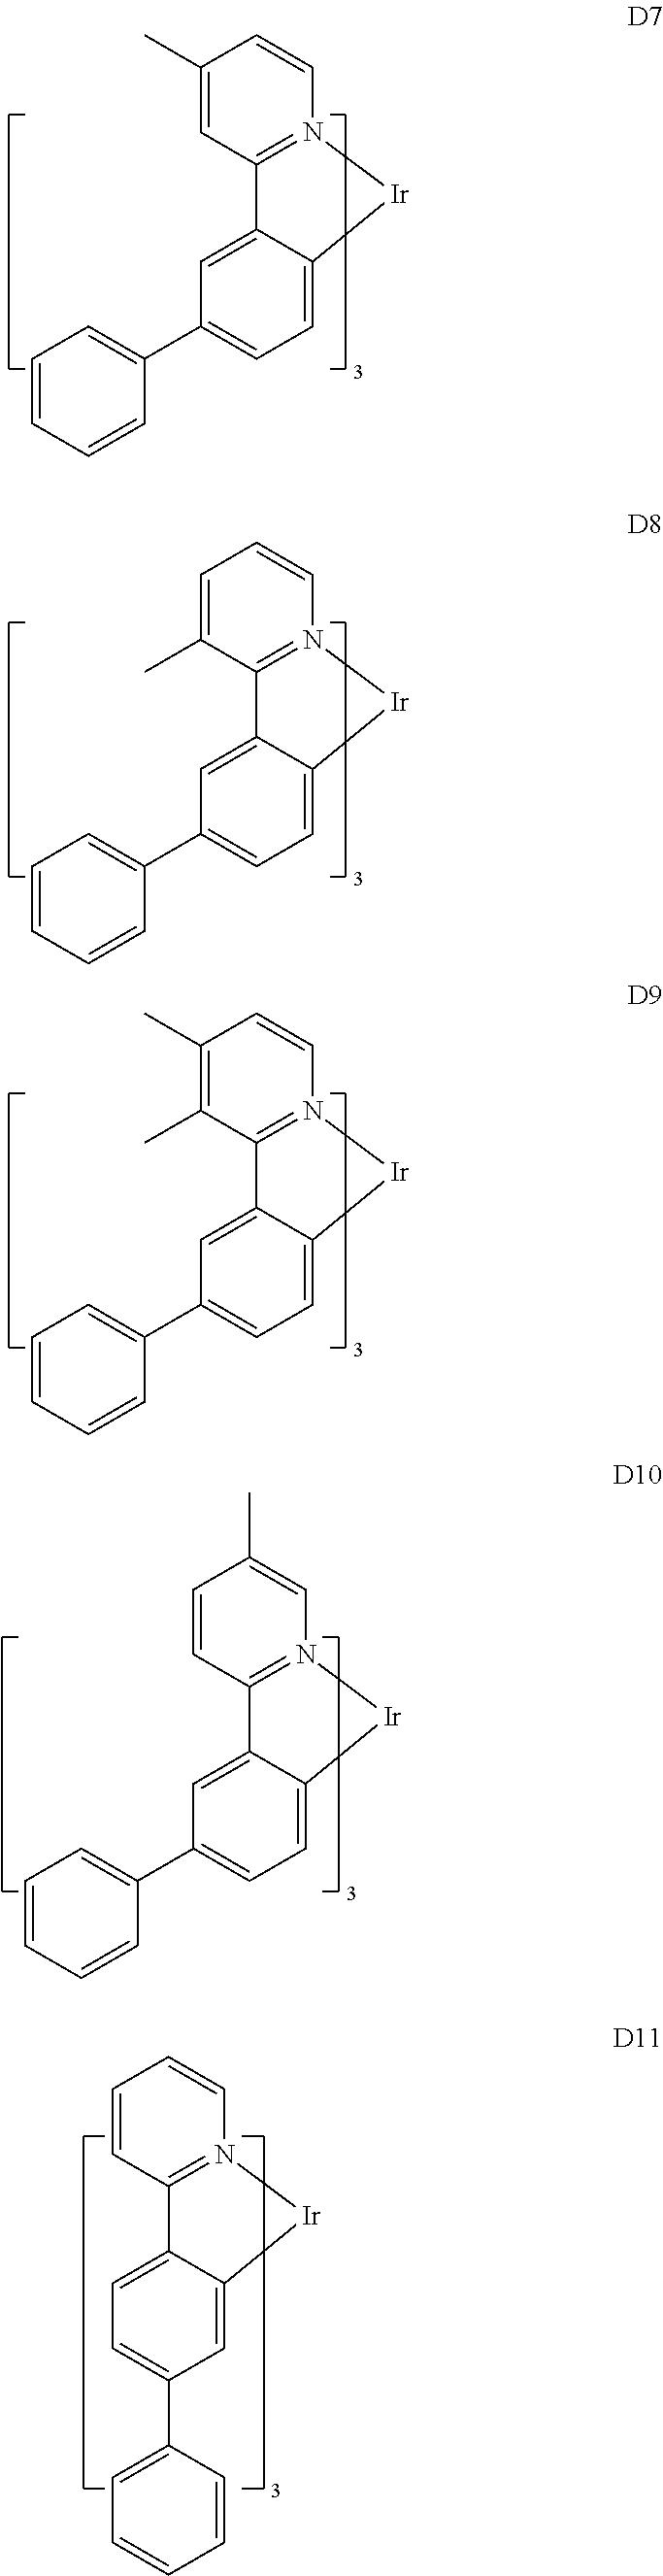 Figure US09040962-20150526-C00108